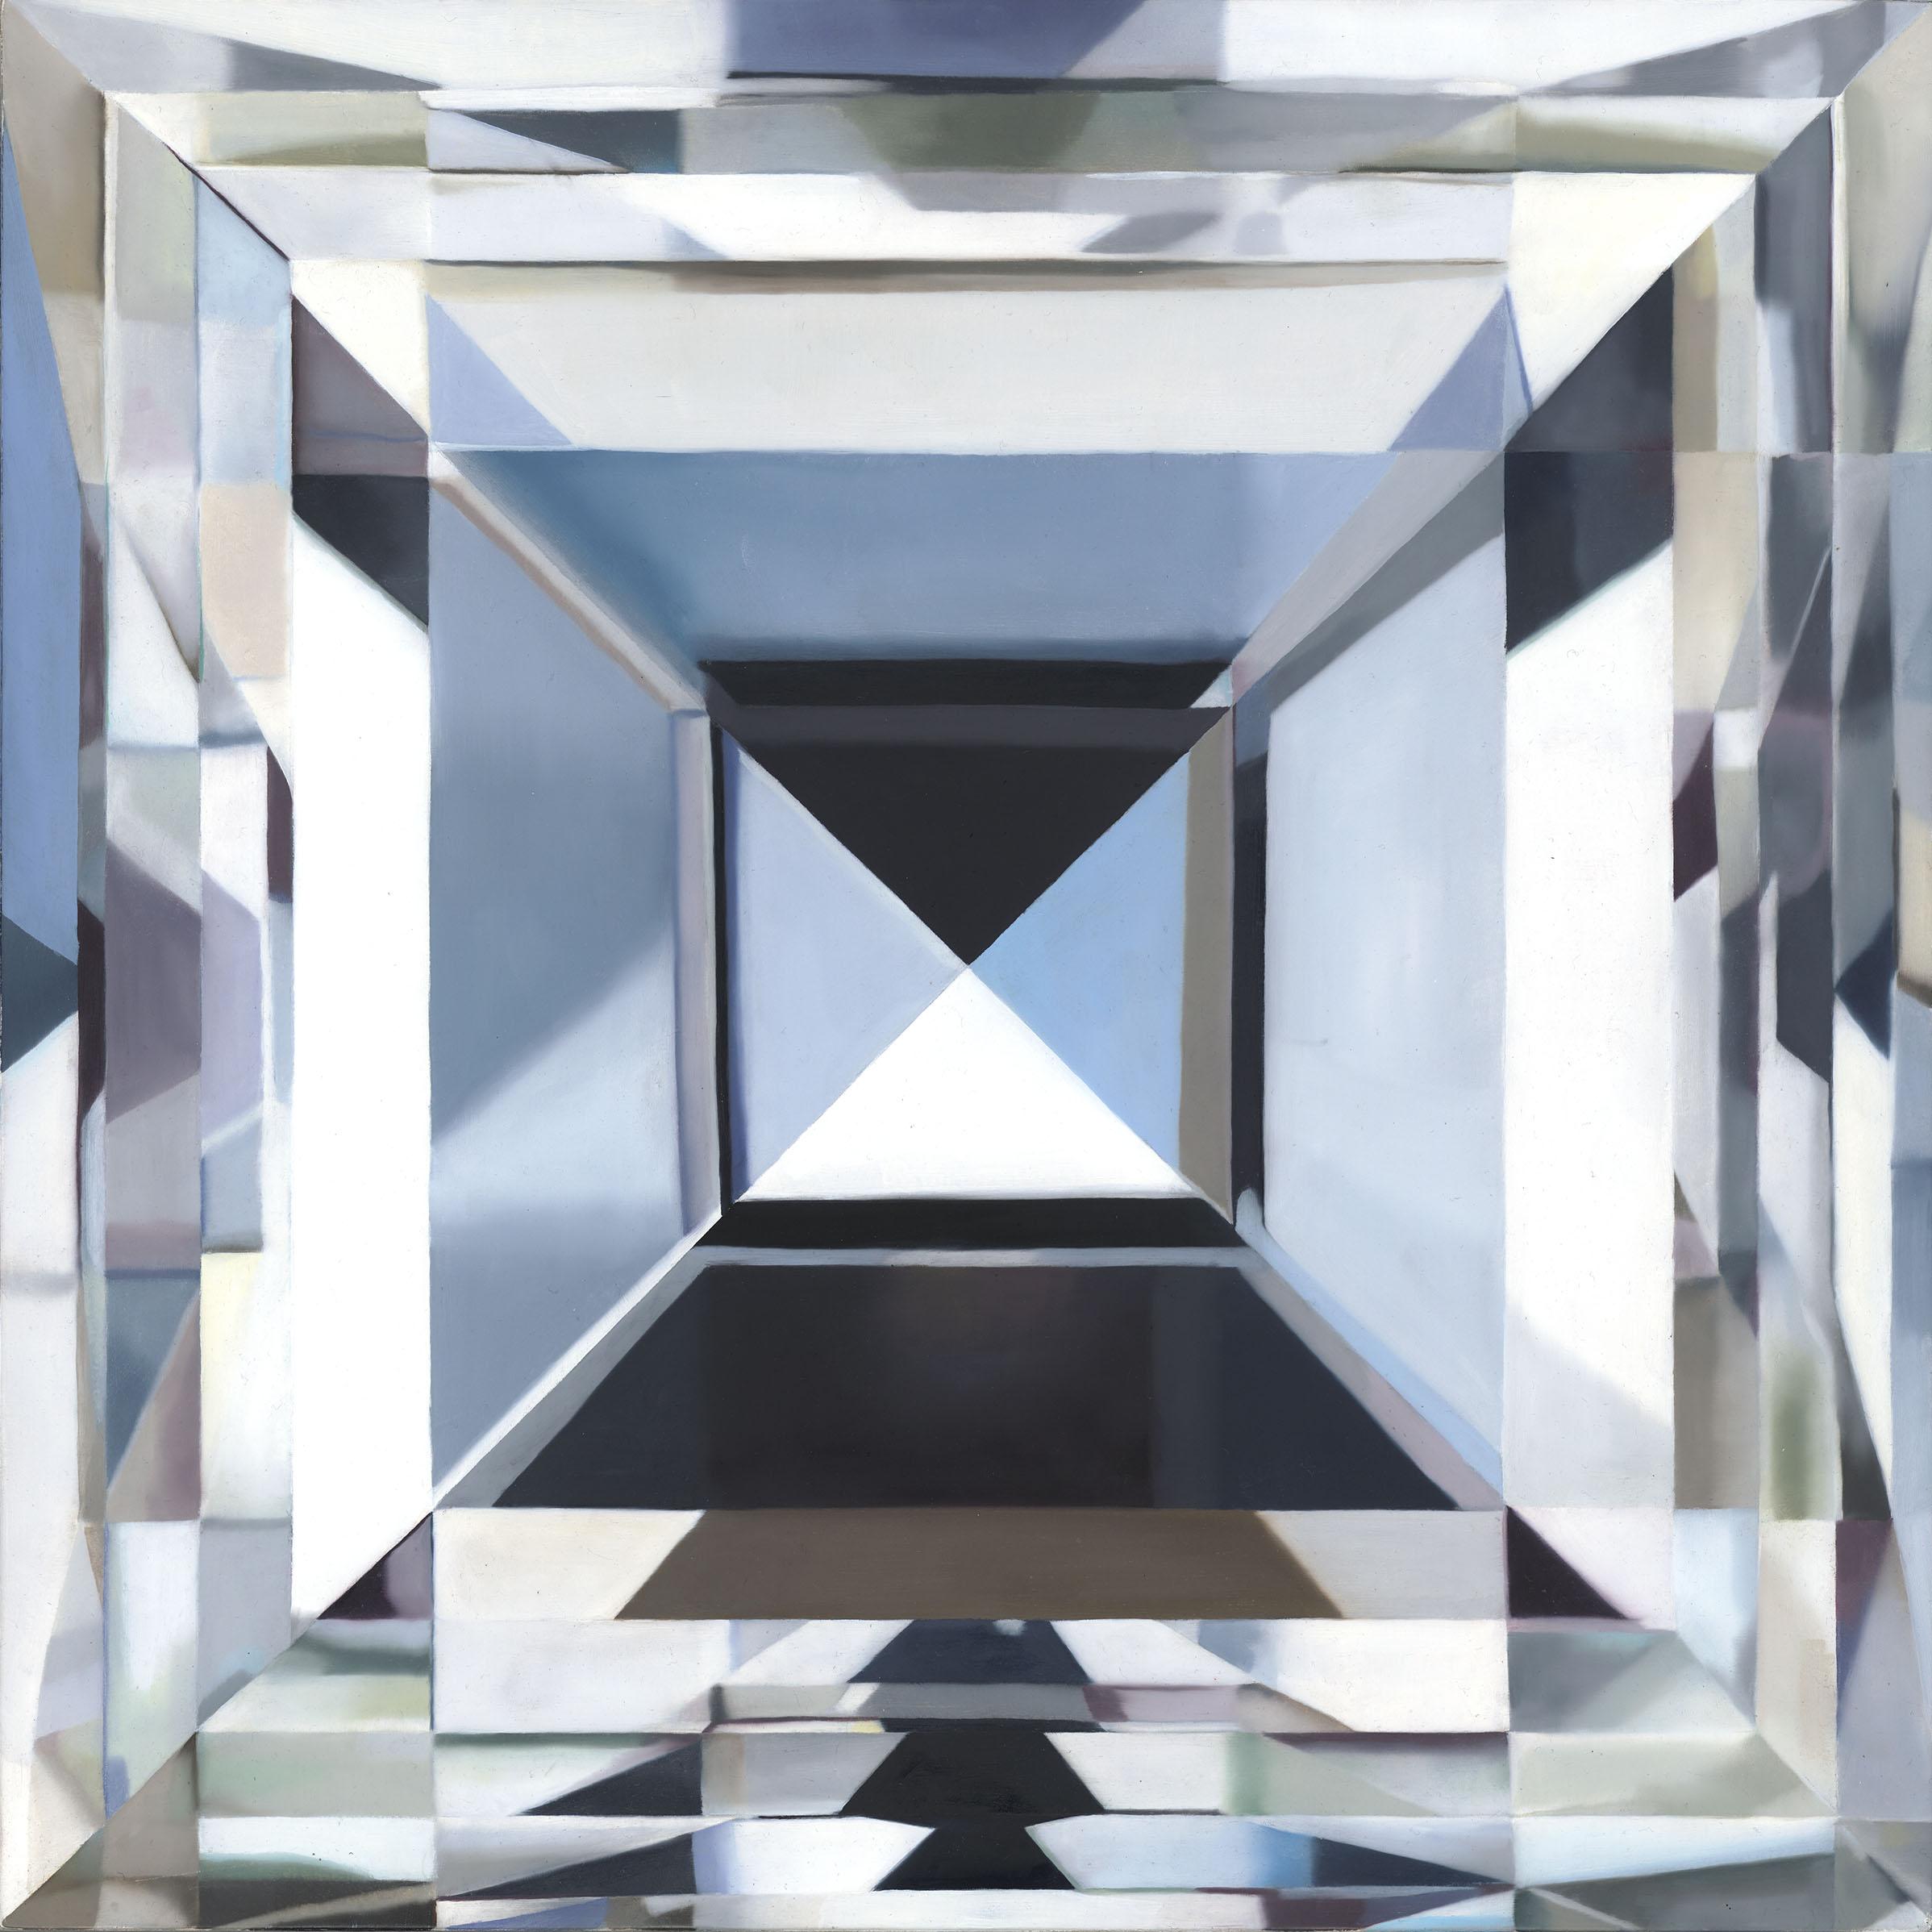 - NORAcarre cut diamondoil on panel16 x 16 in2018